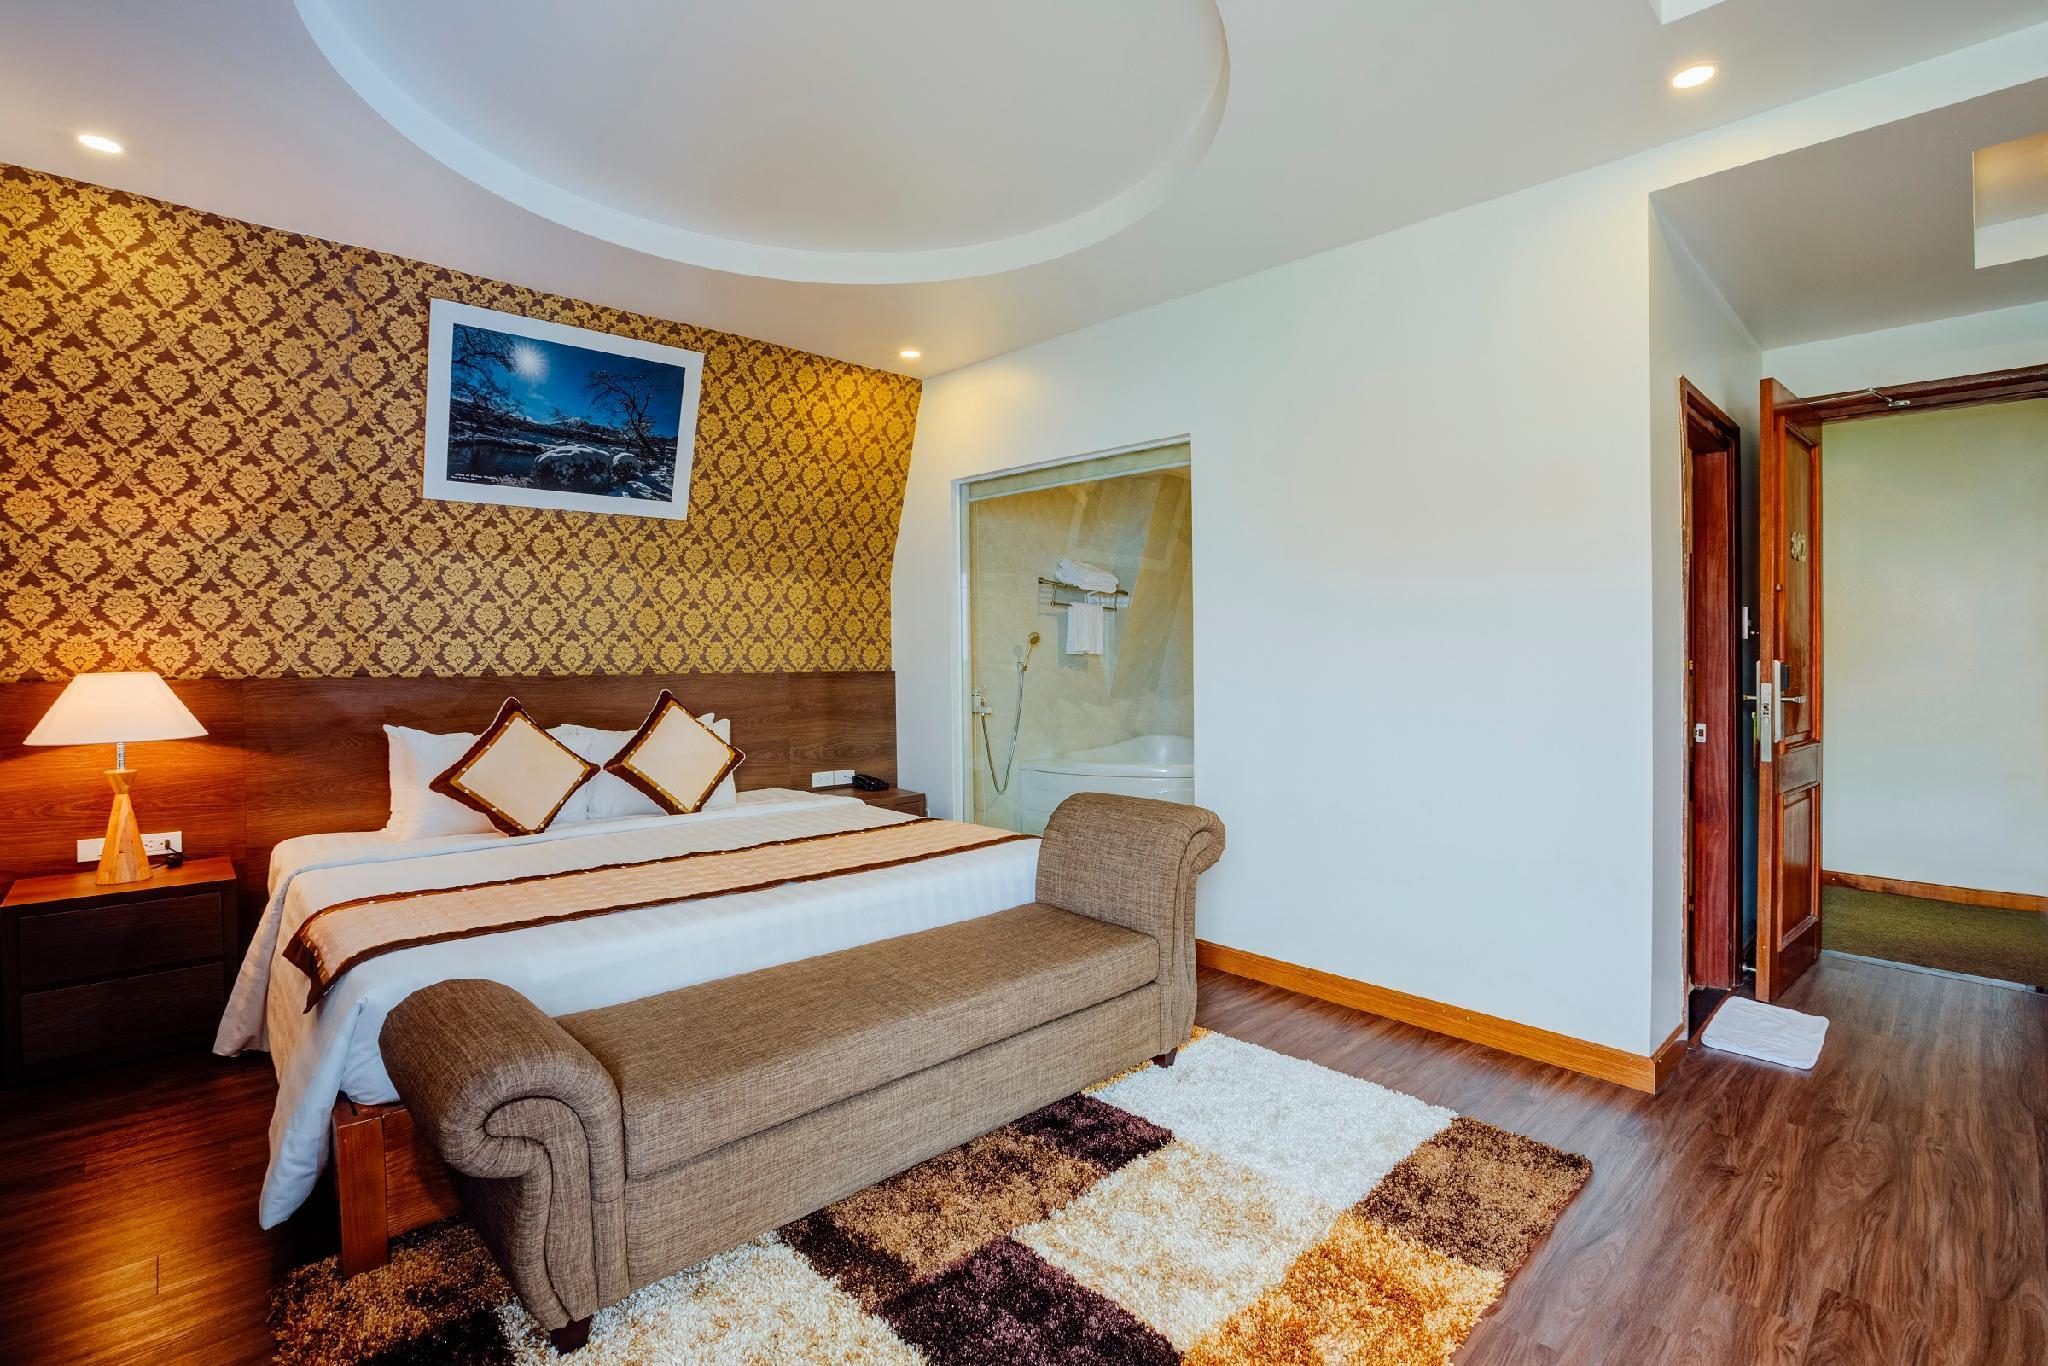 Khách sạn Nesta Phú Quốc | Đảo Phú Quốc ƯU ĐÃI CẬP NHẬT NĂM 2020 ...